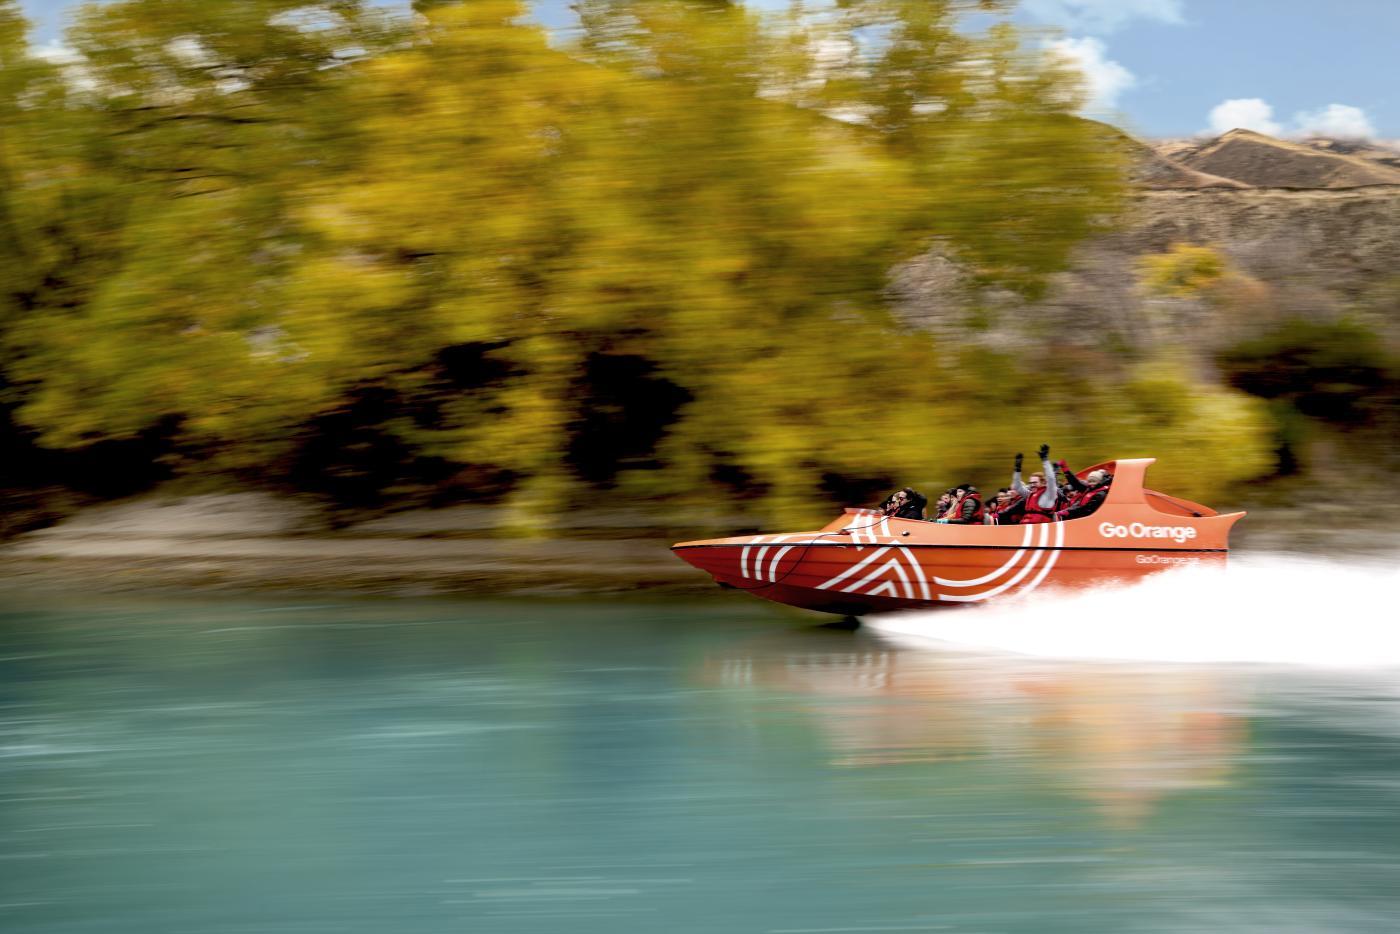 Go Orange Jet Boat speeding down the river